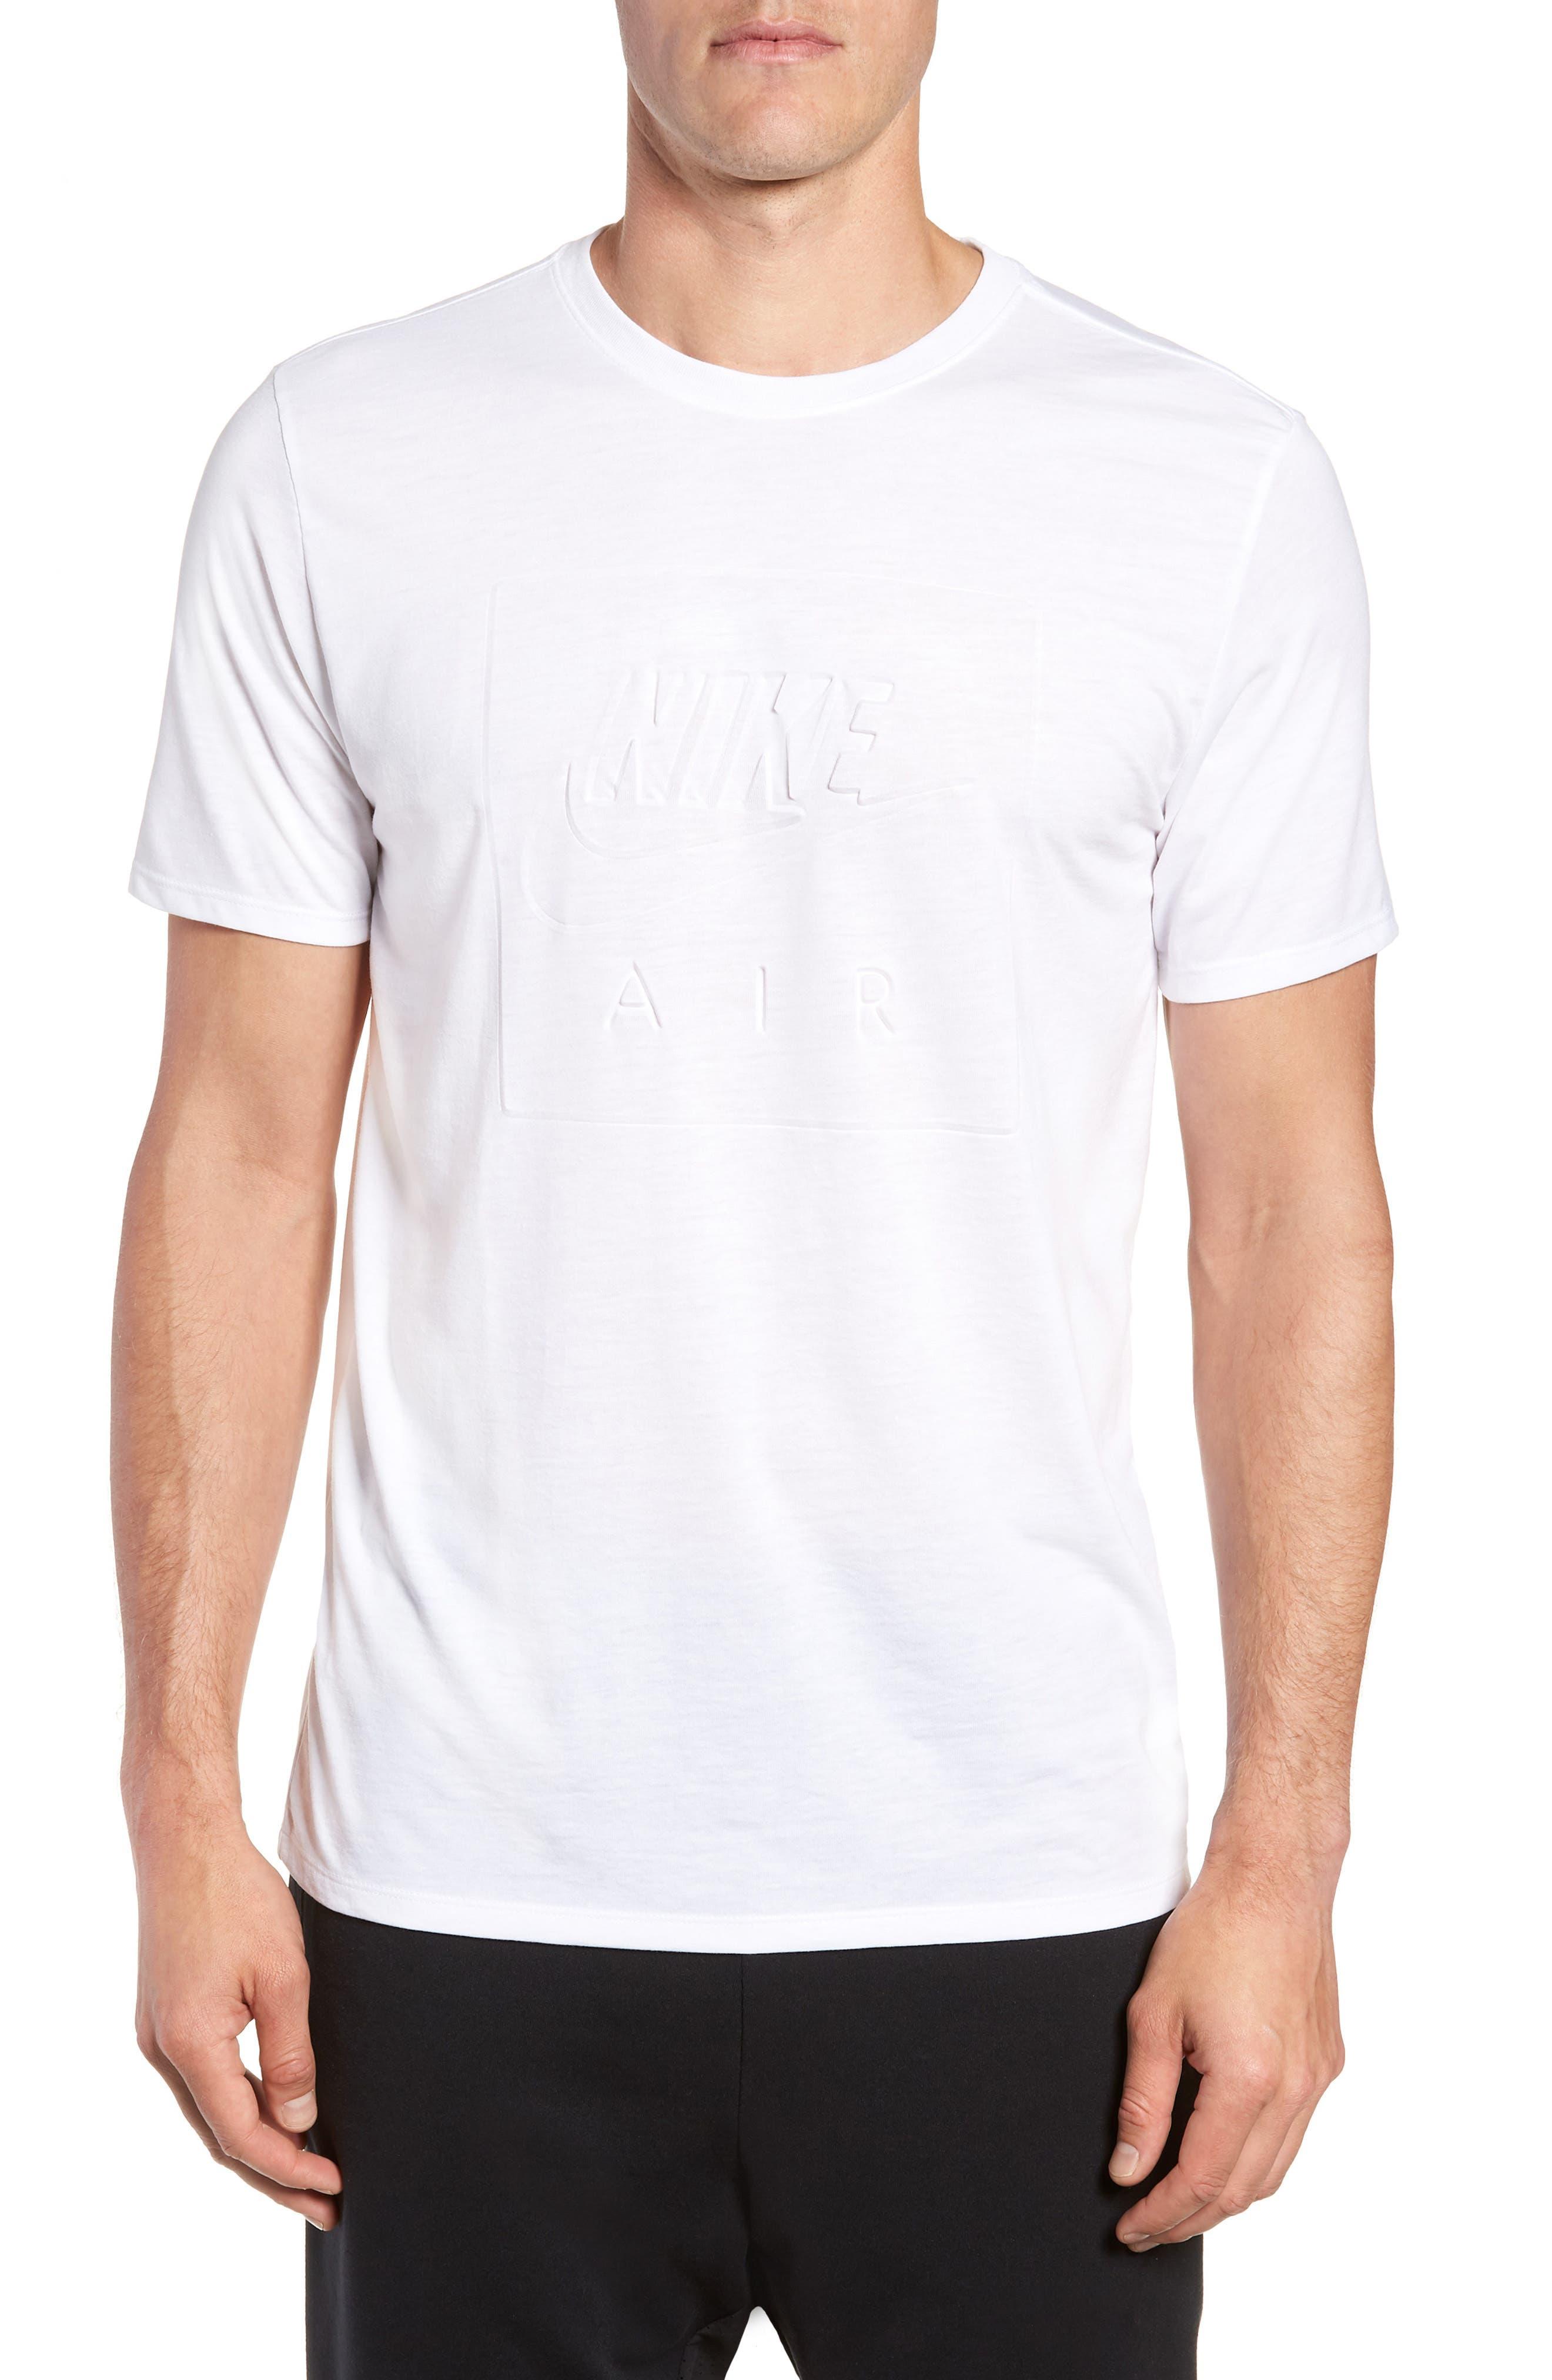 Nike Air 1 T-Shirt, White